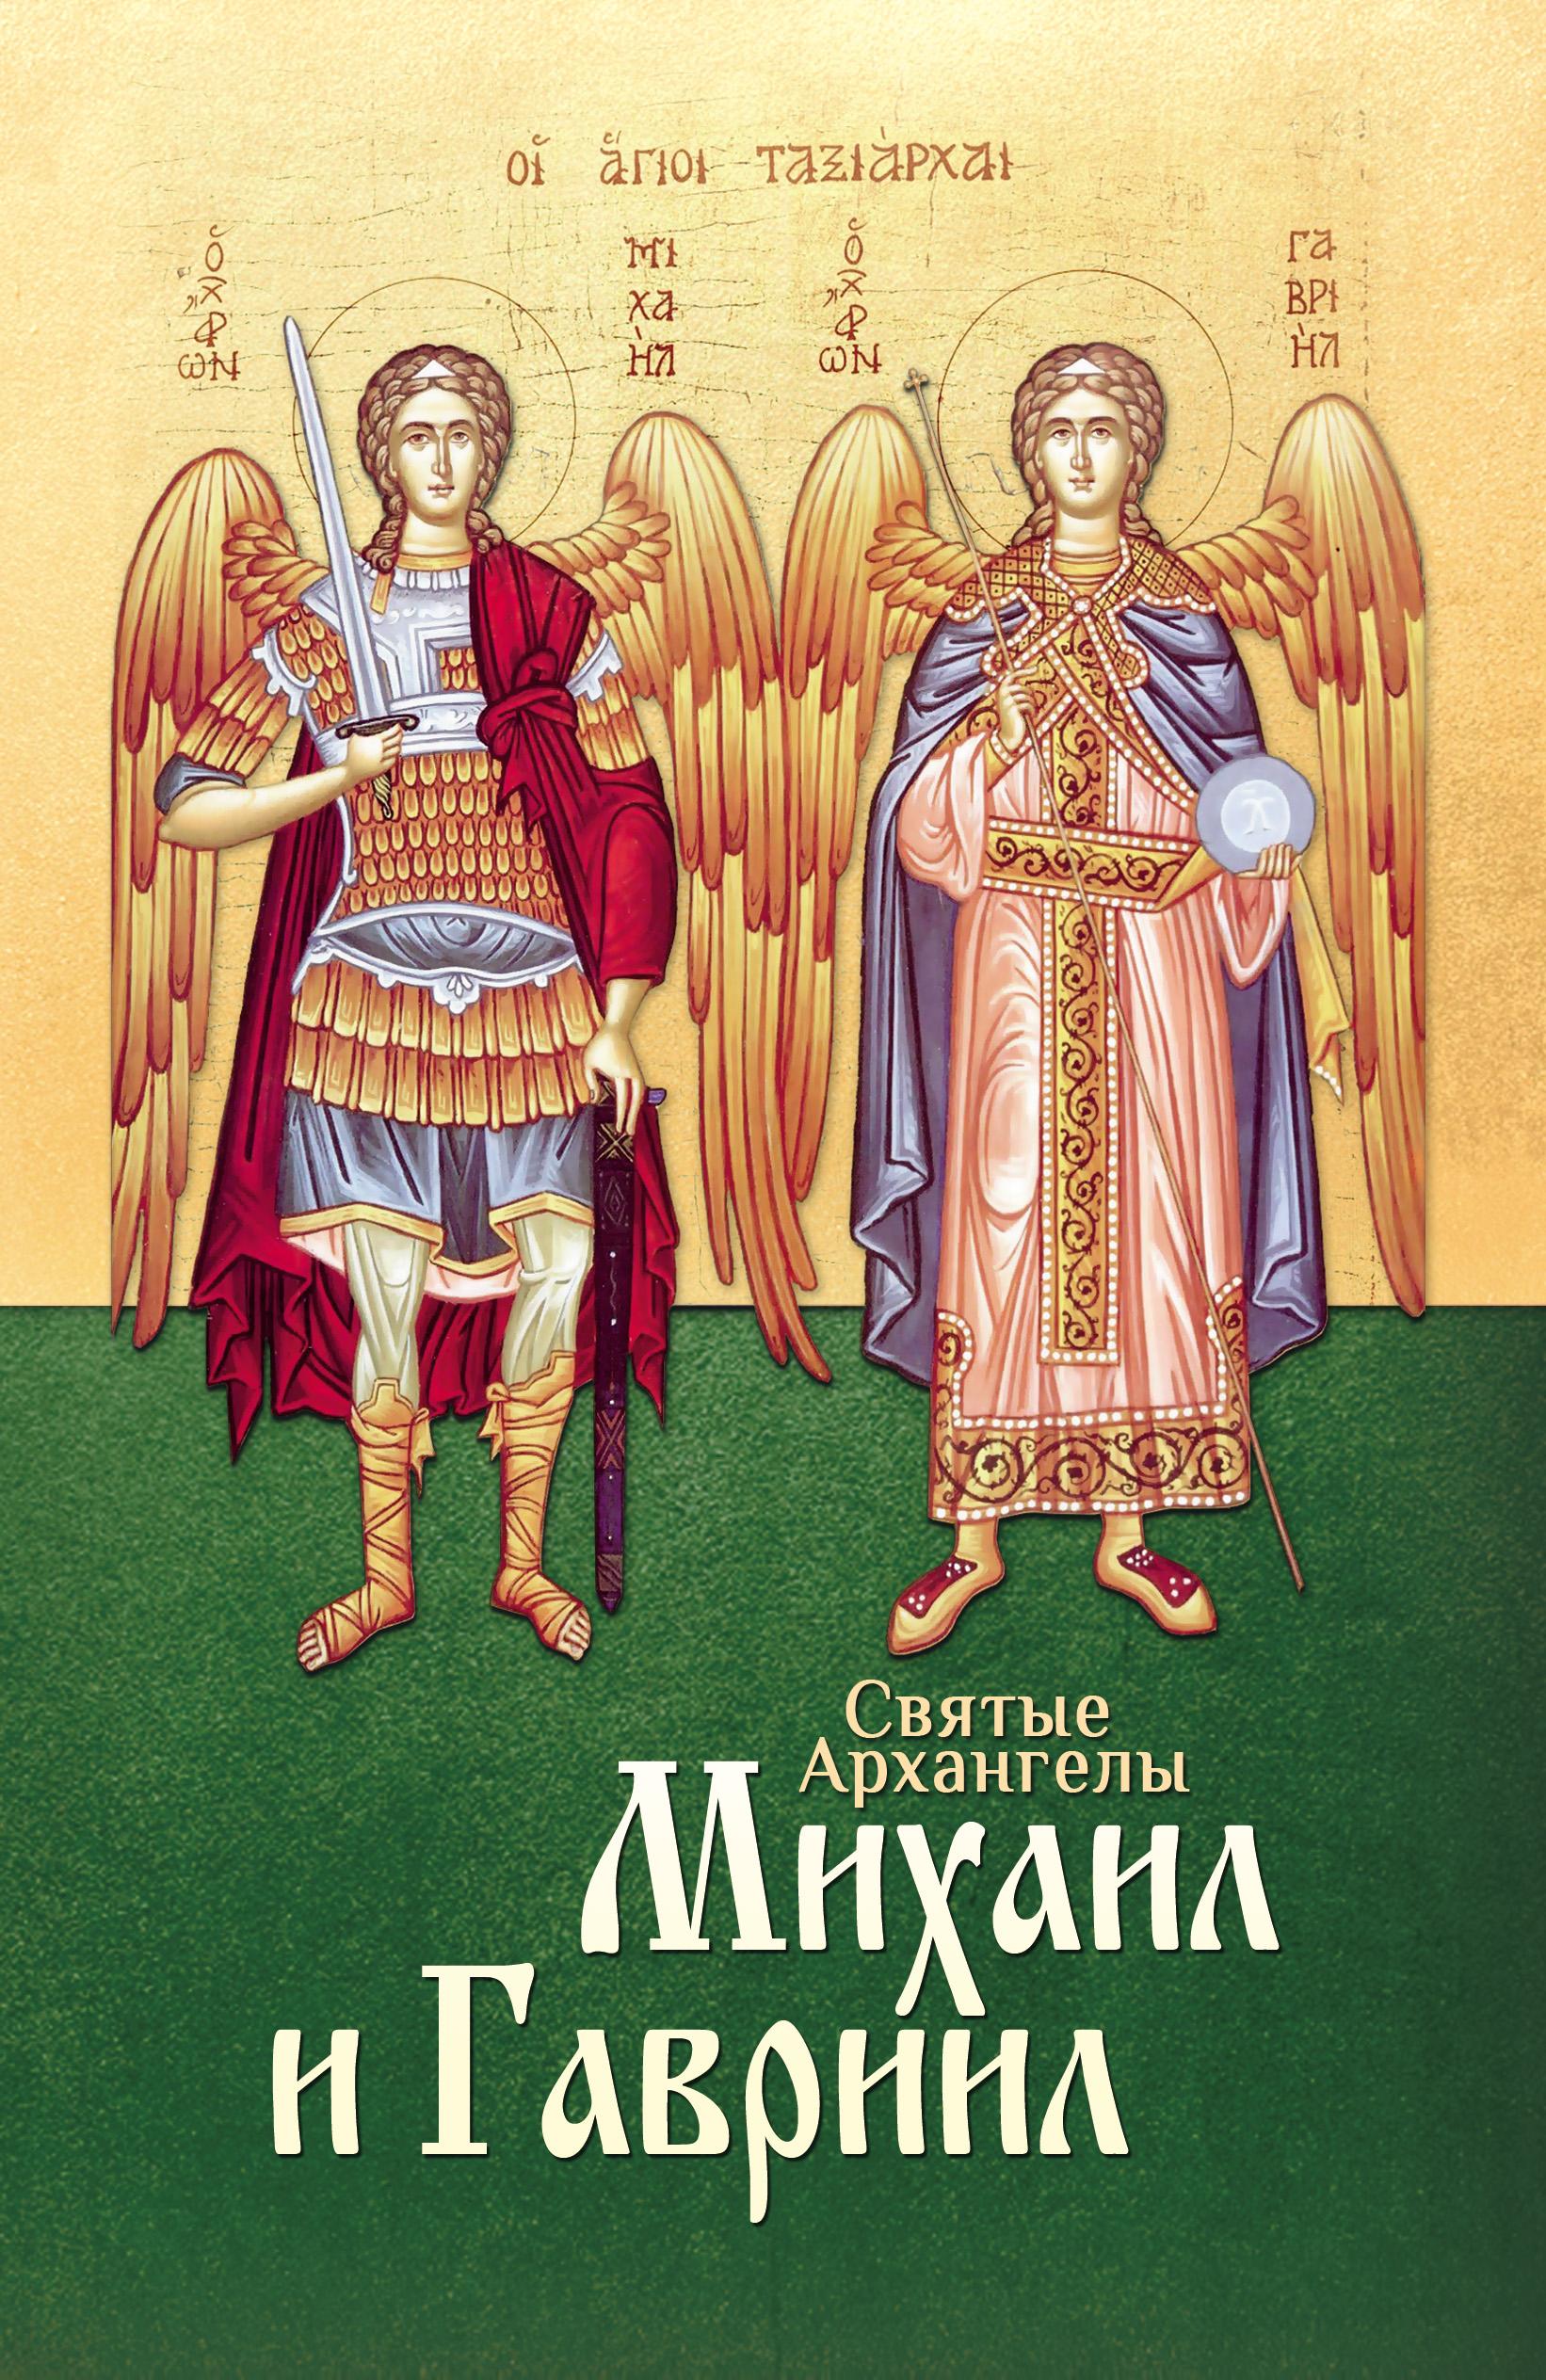 Отсутствует Святые Архангелы Михаил и Гавриил оракул архангелов позолоченный or04 аввалон page 3